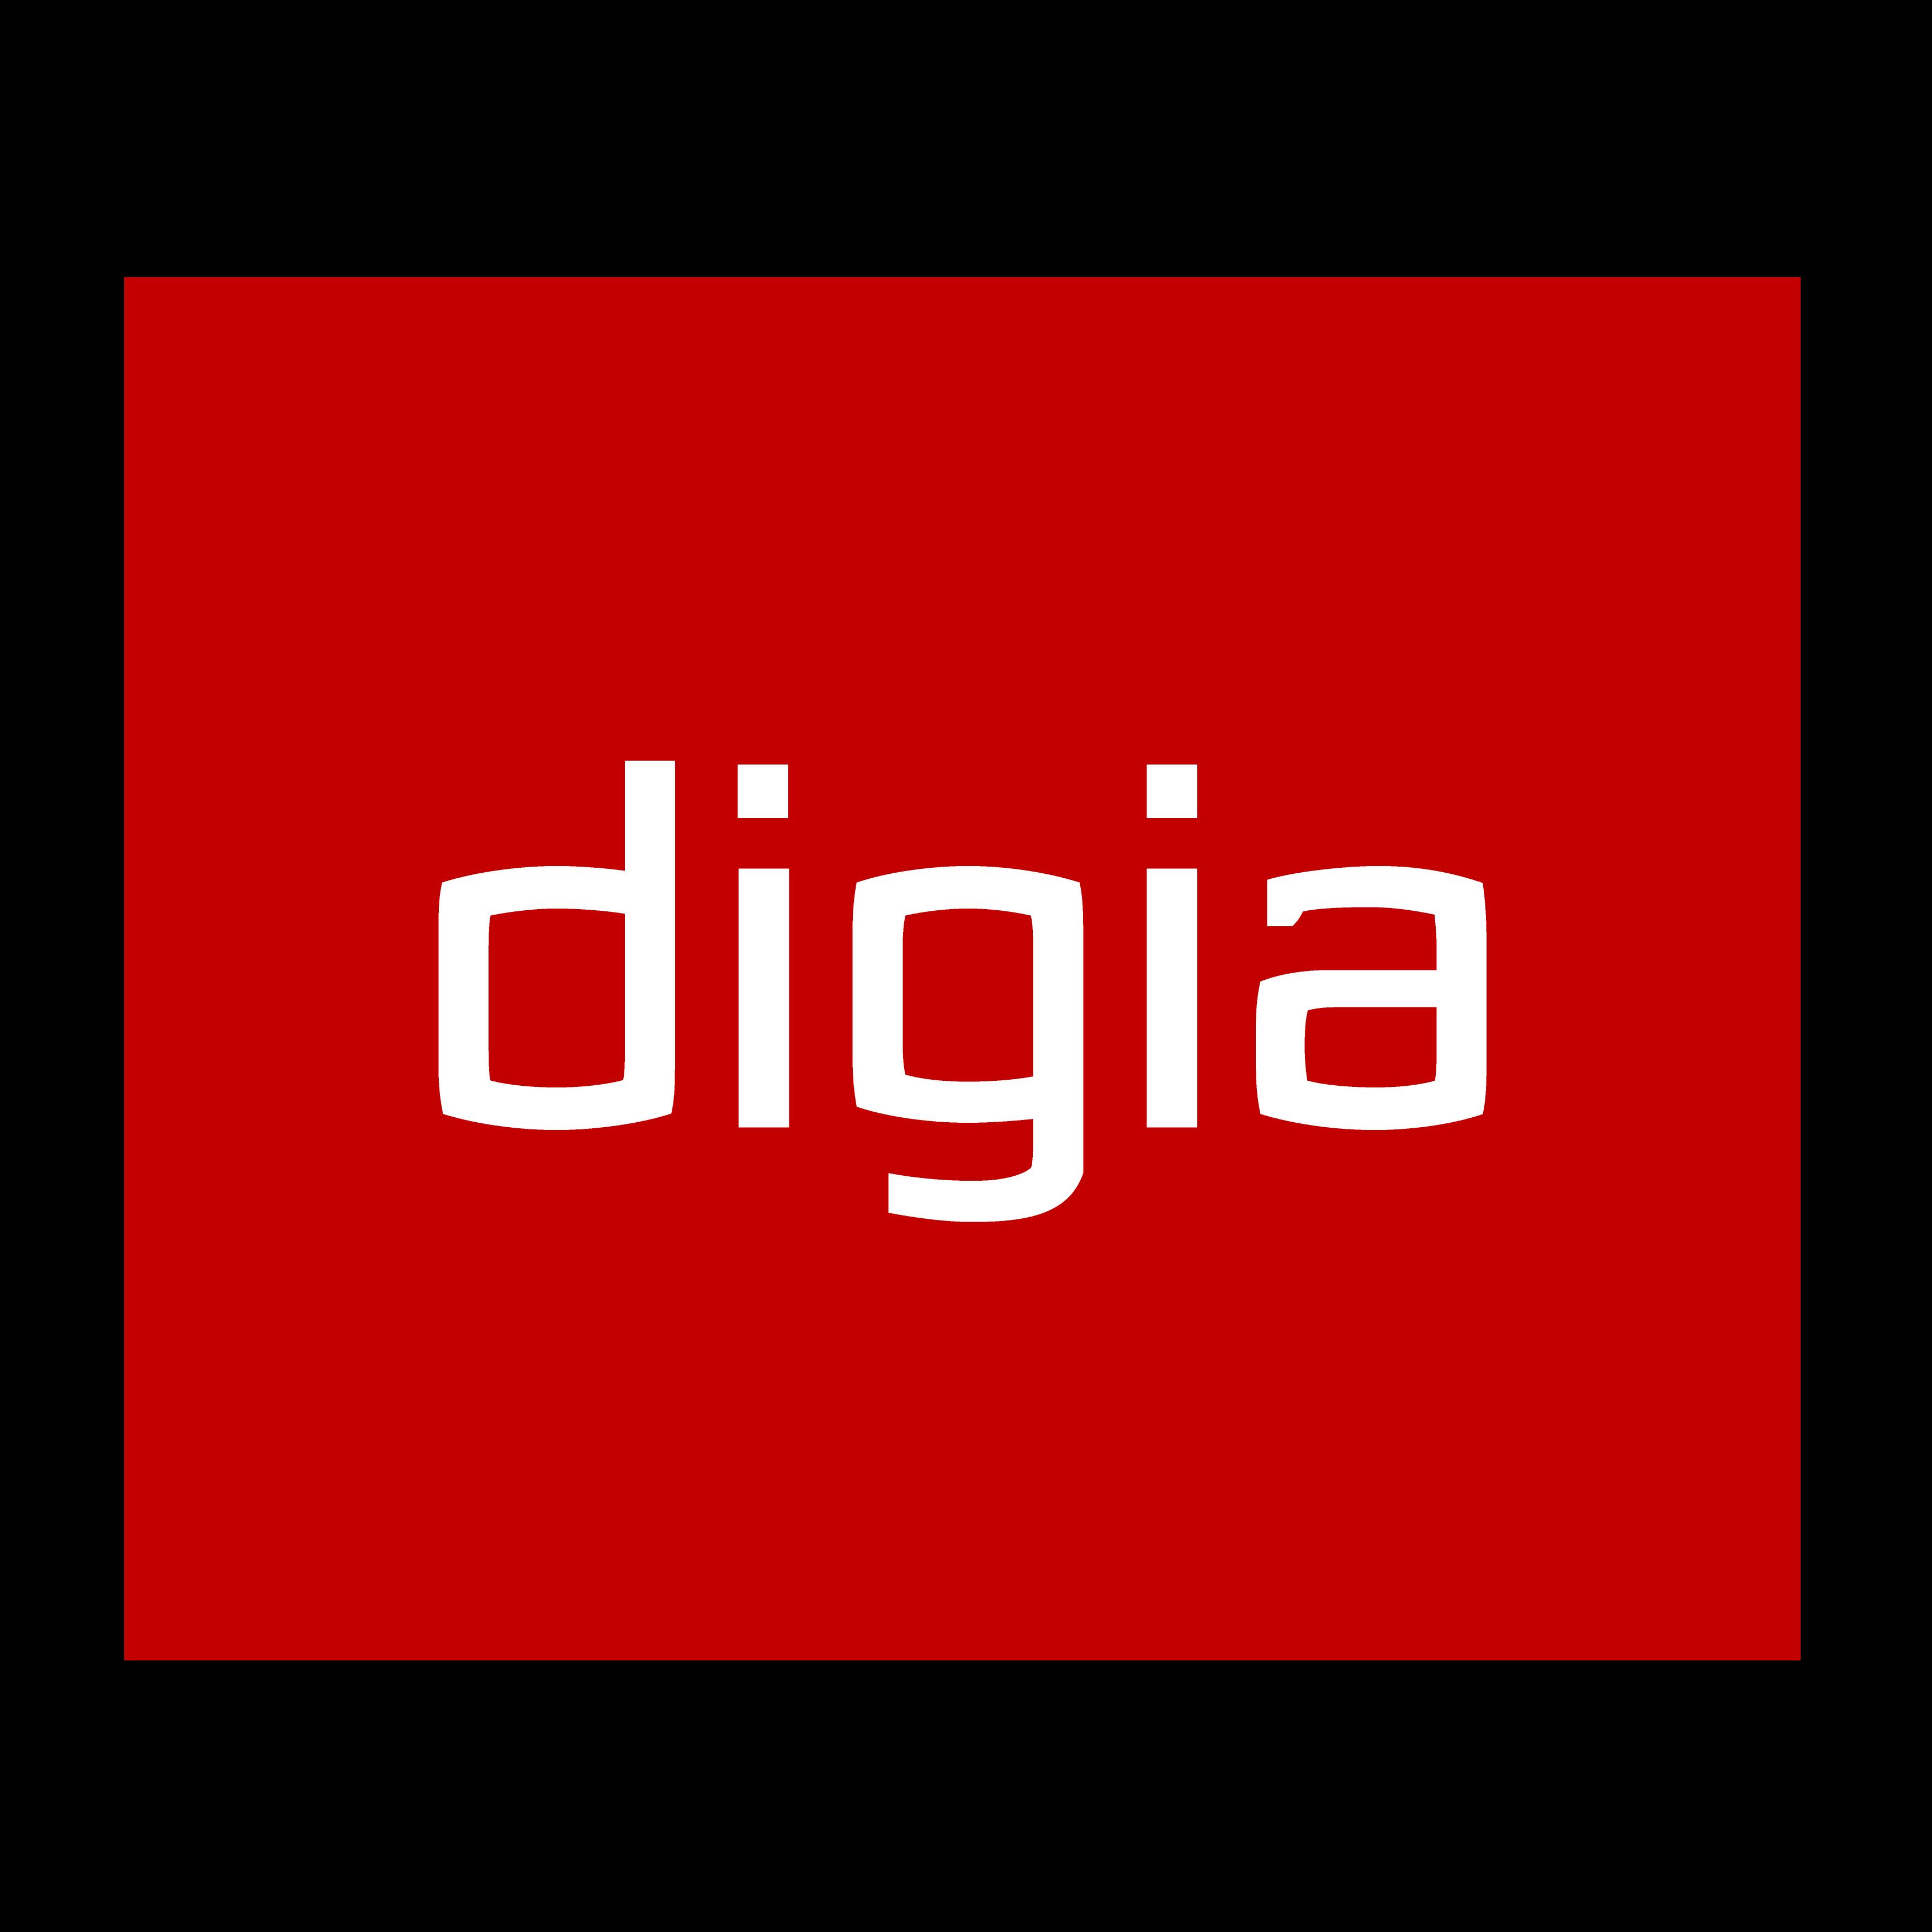 Osaango Academia and Digia